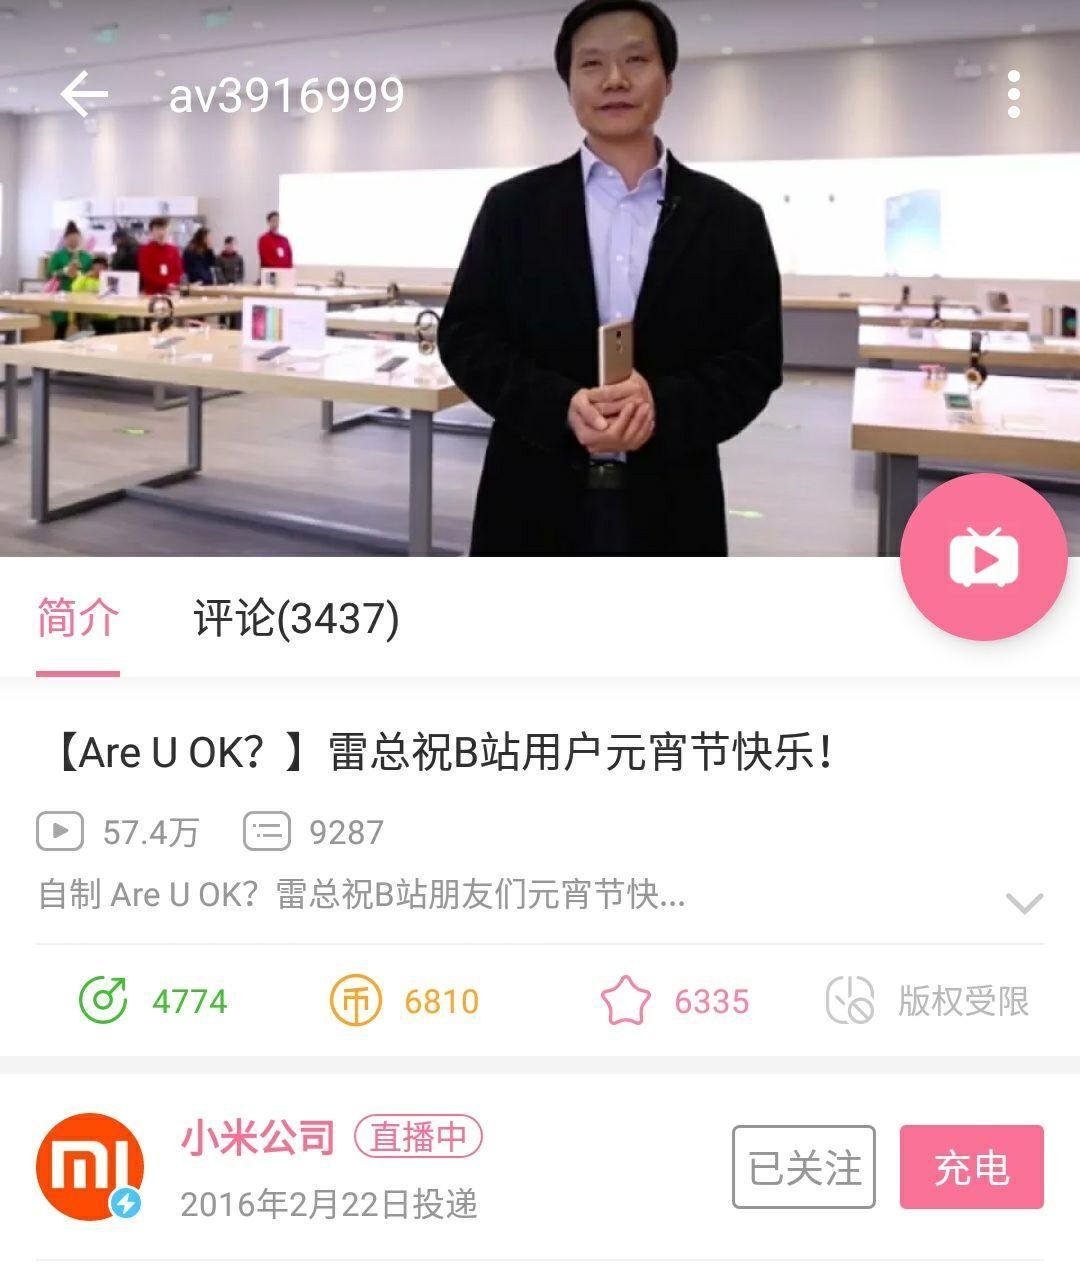 营销哔哩哔哩华为荣耀账号高清手机评价碰3103yy官方影院版手机图片